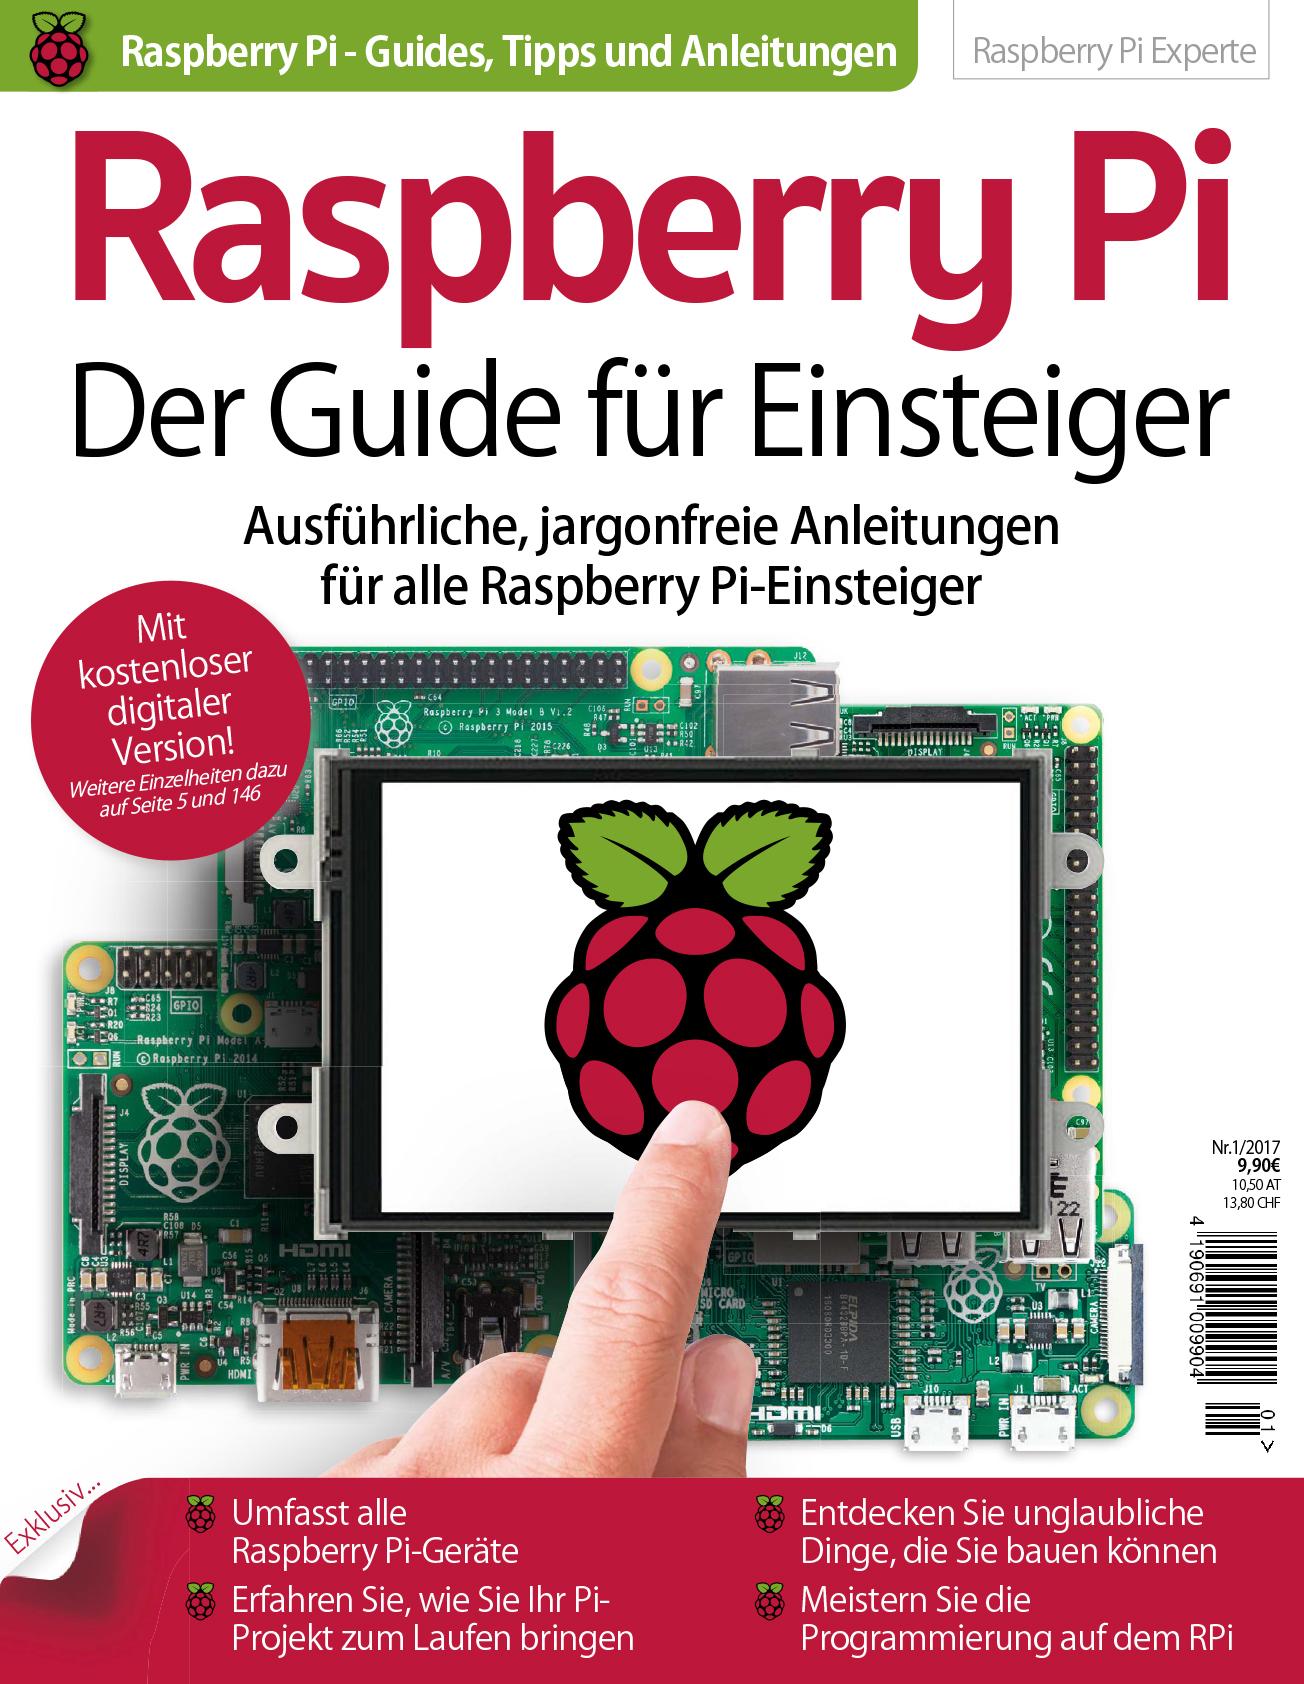 [Kostenlos] Raspberry pi Expert Guide – Der Guide für Einsteiger